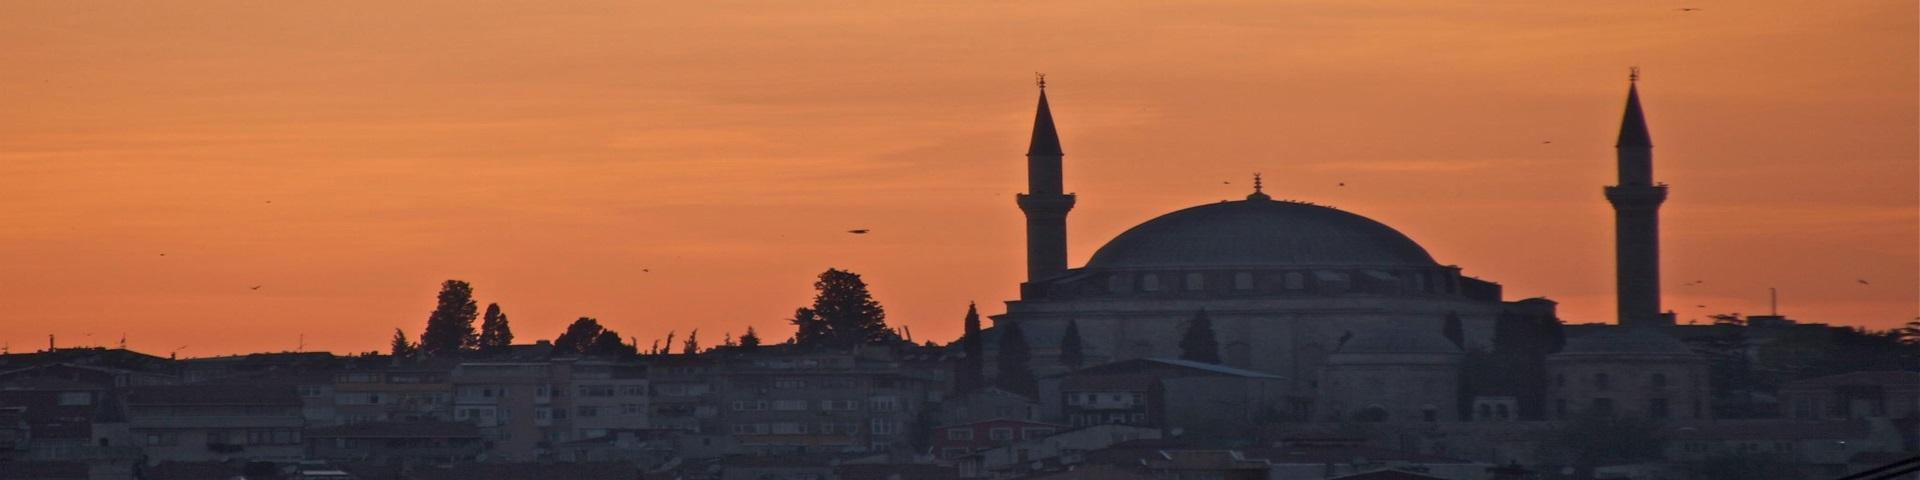 Turquia Magnifica